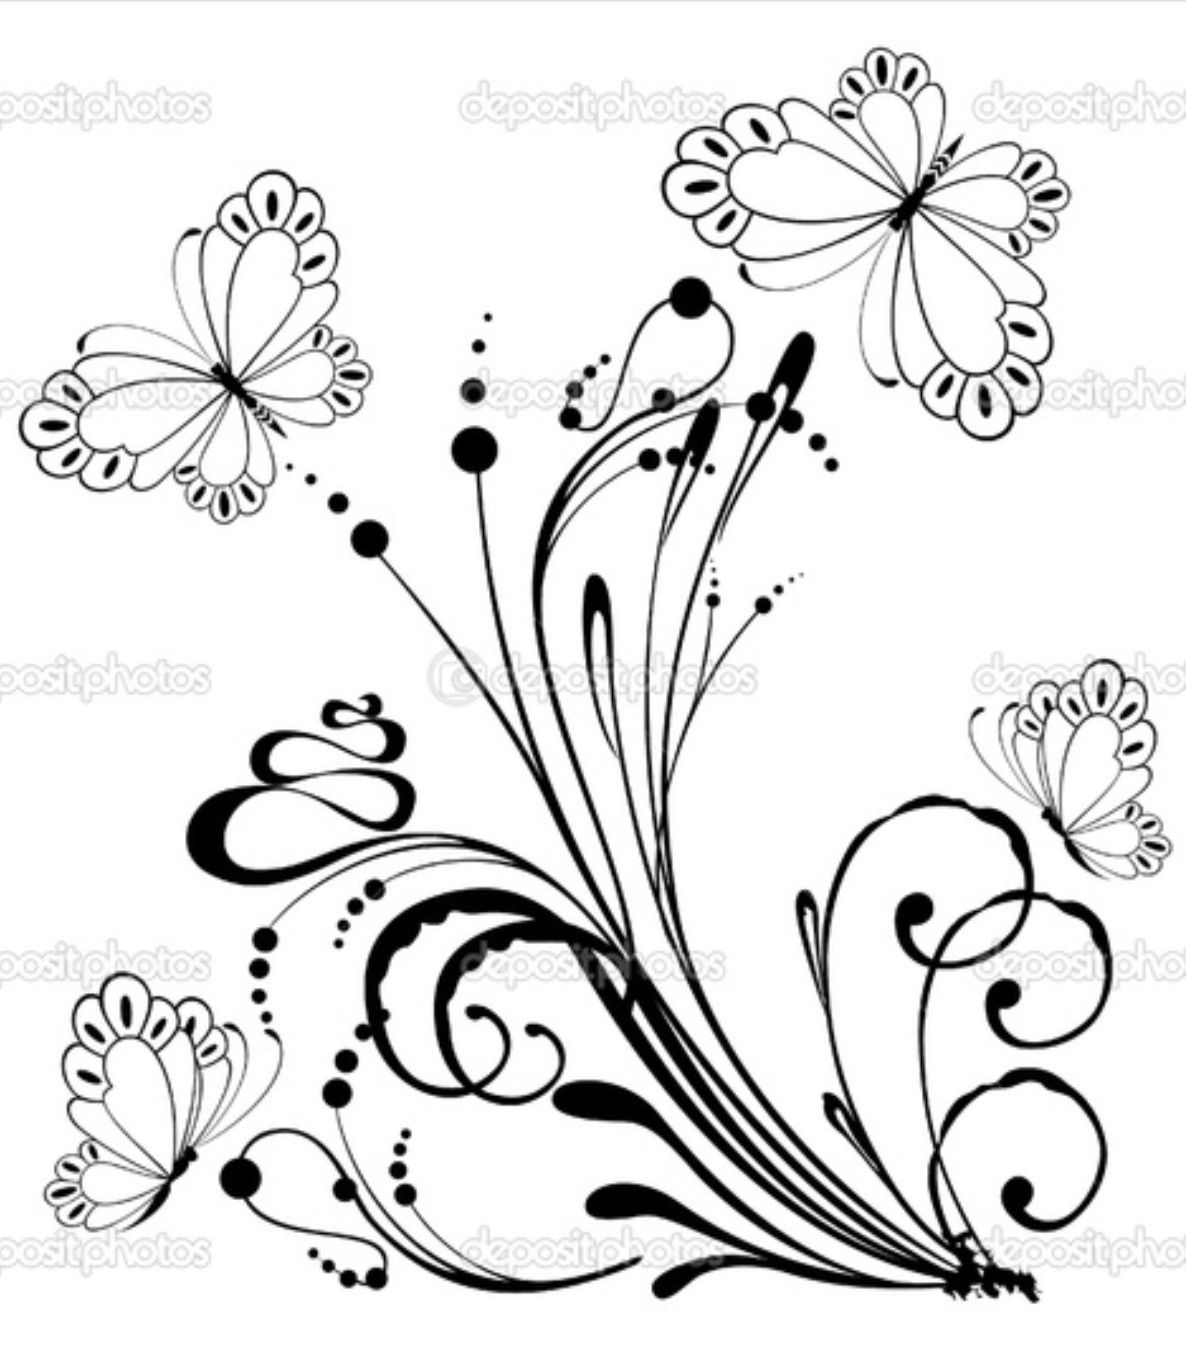 Cloth patterns | Рисунки цветов, Цветочные раскраски и ...